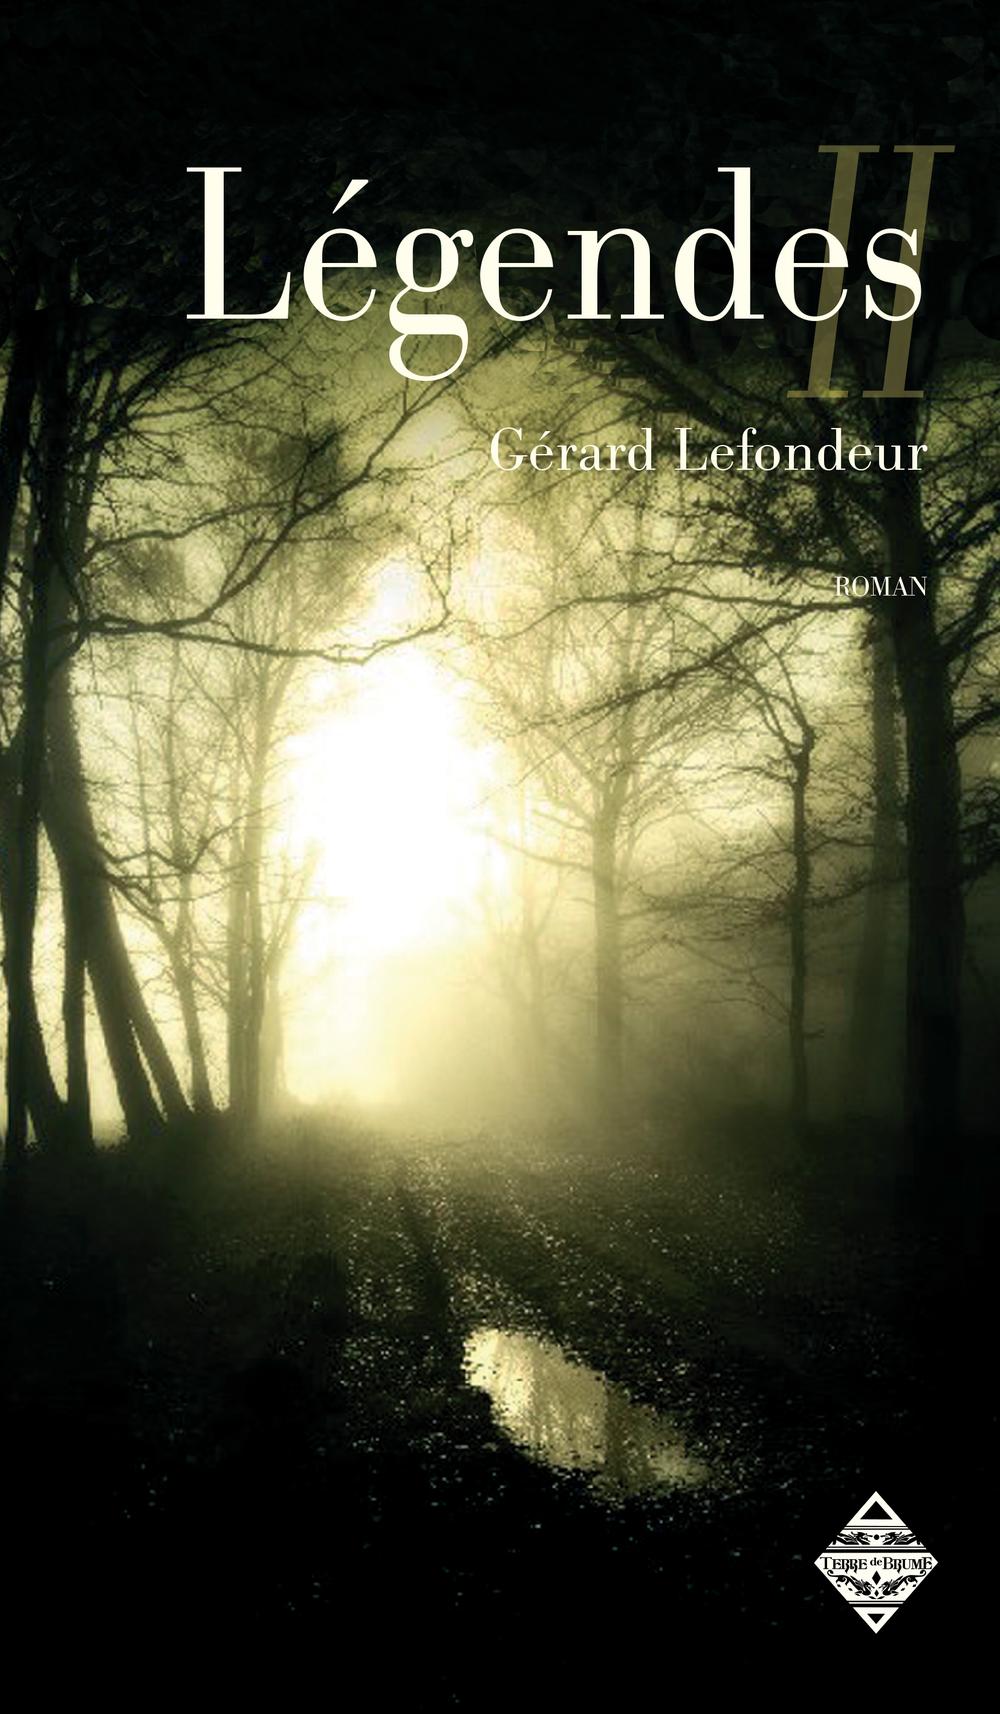 Légendes - Livre second